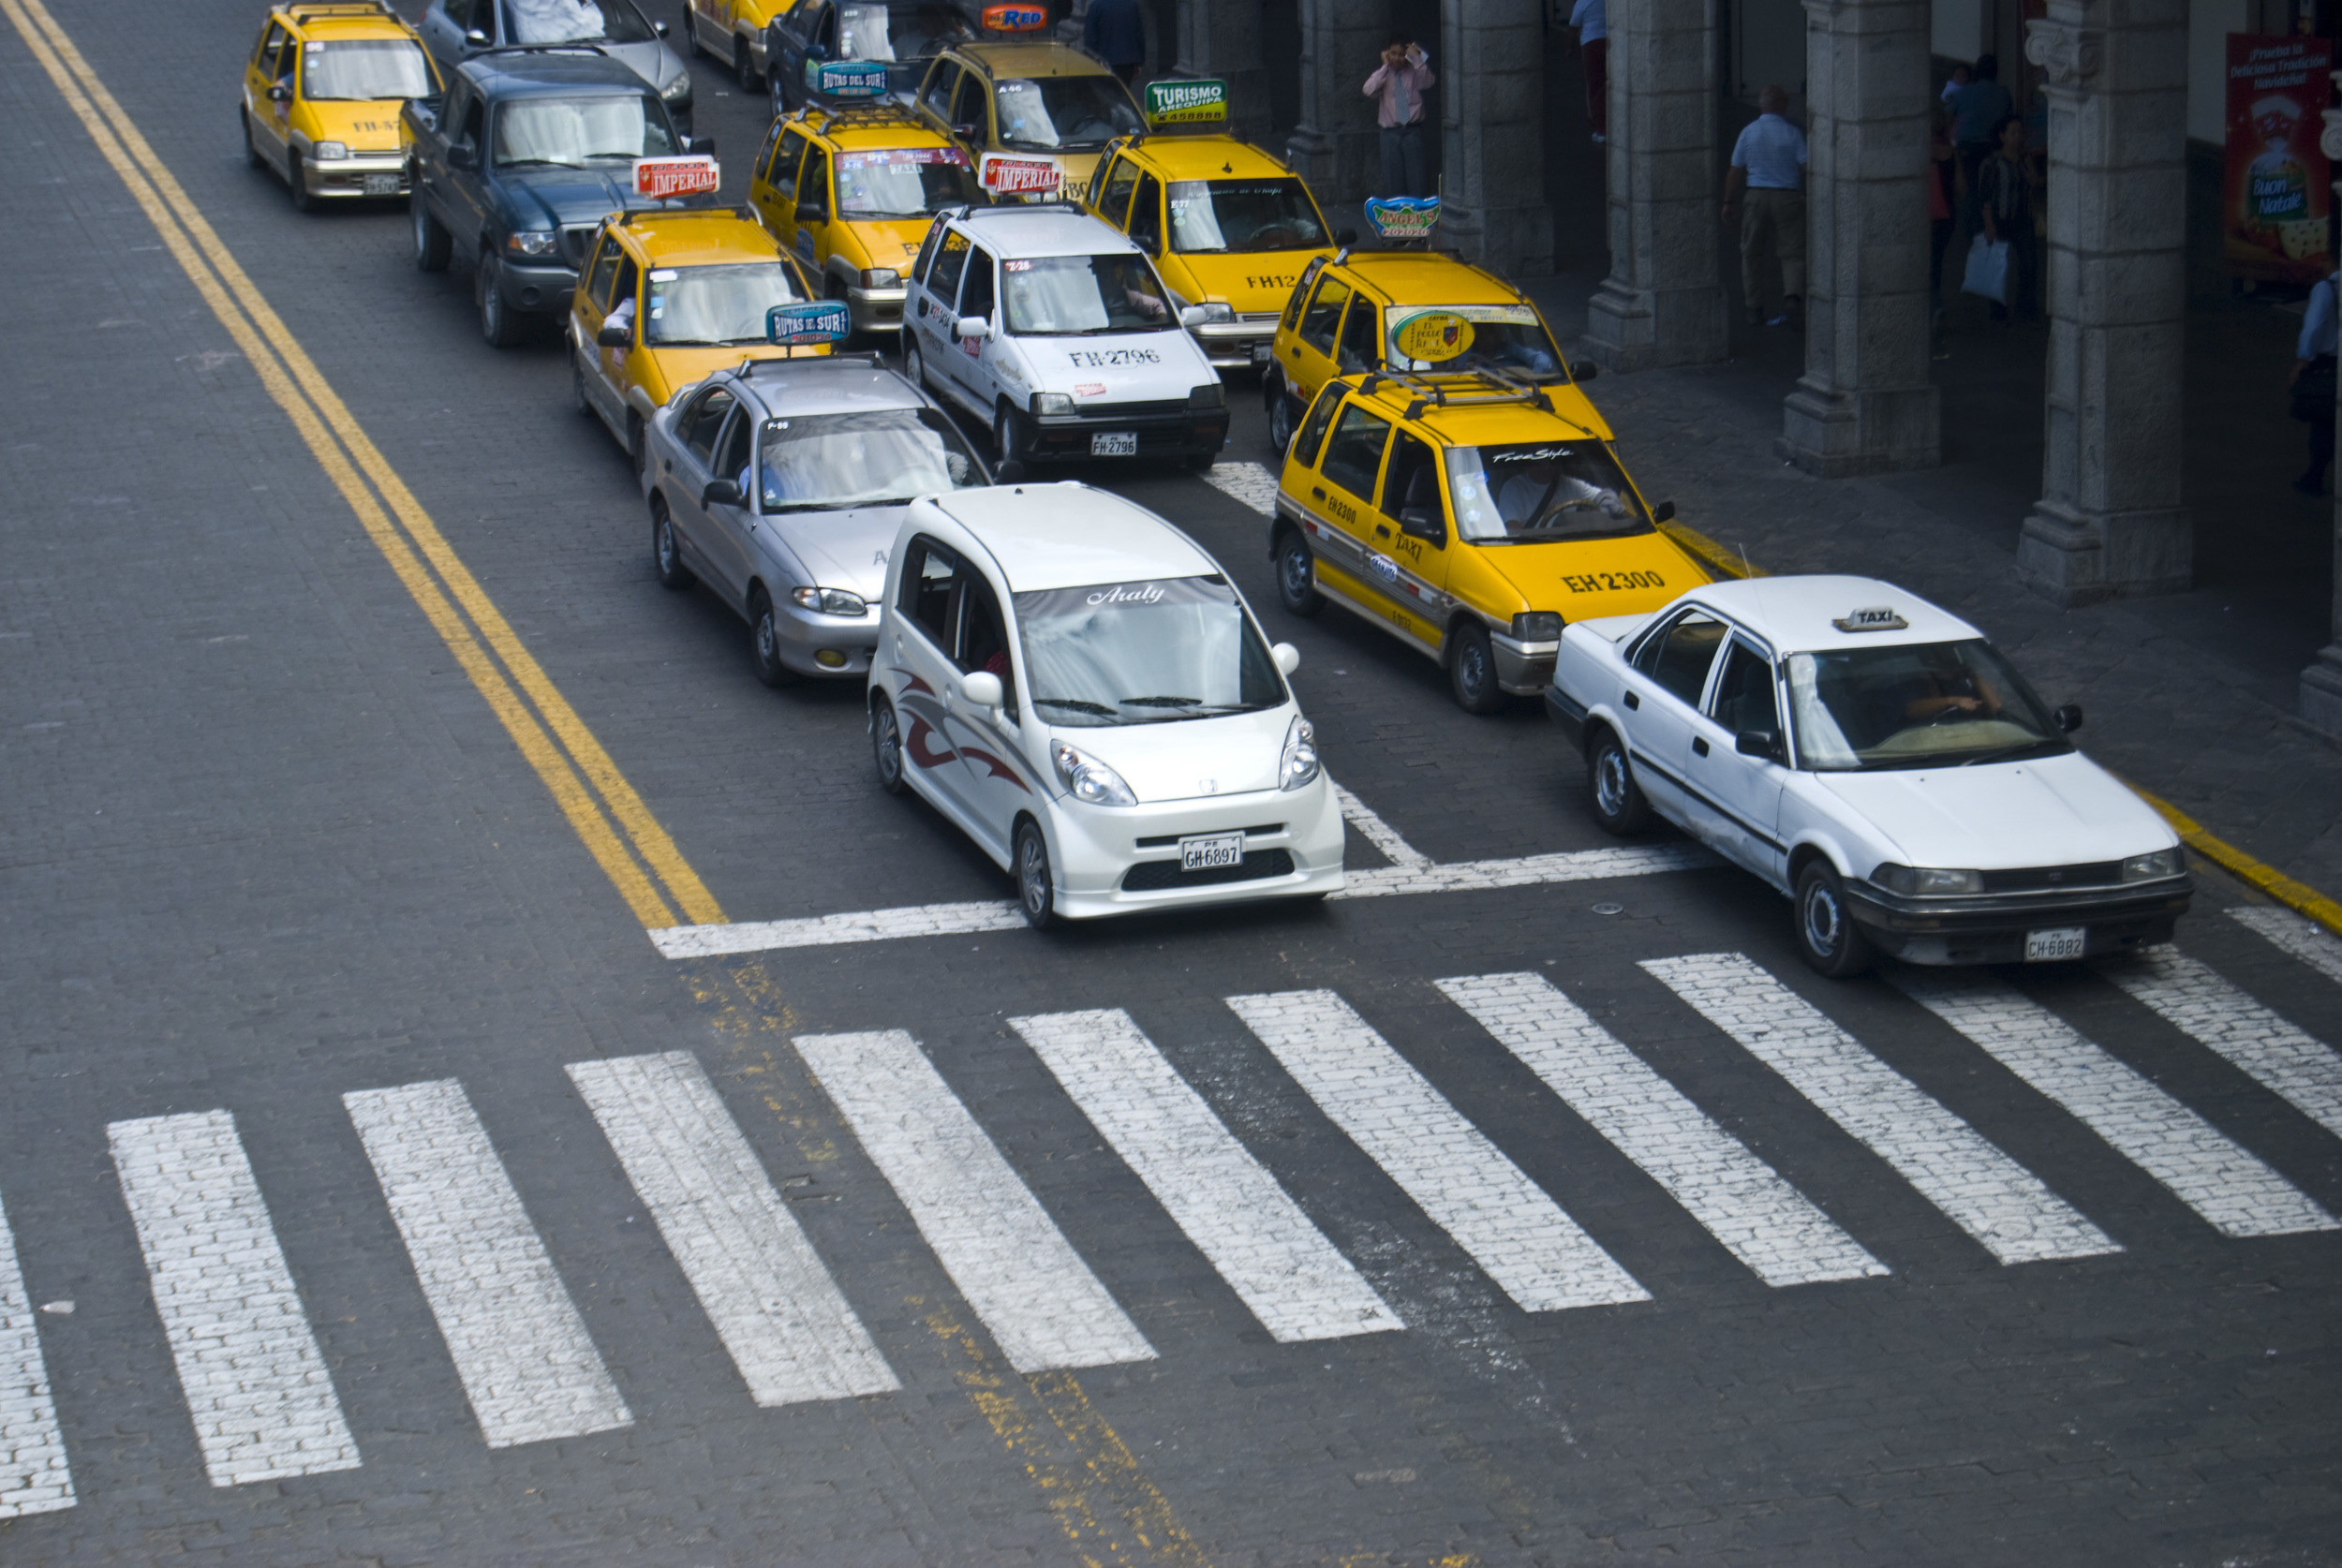 mini-cars_4131997963_o.jpg